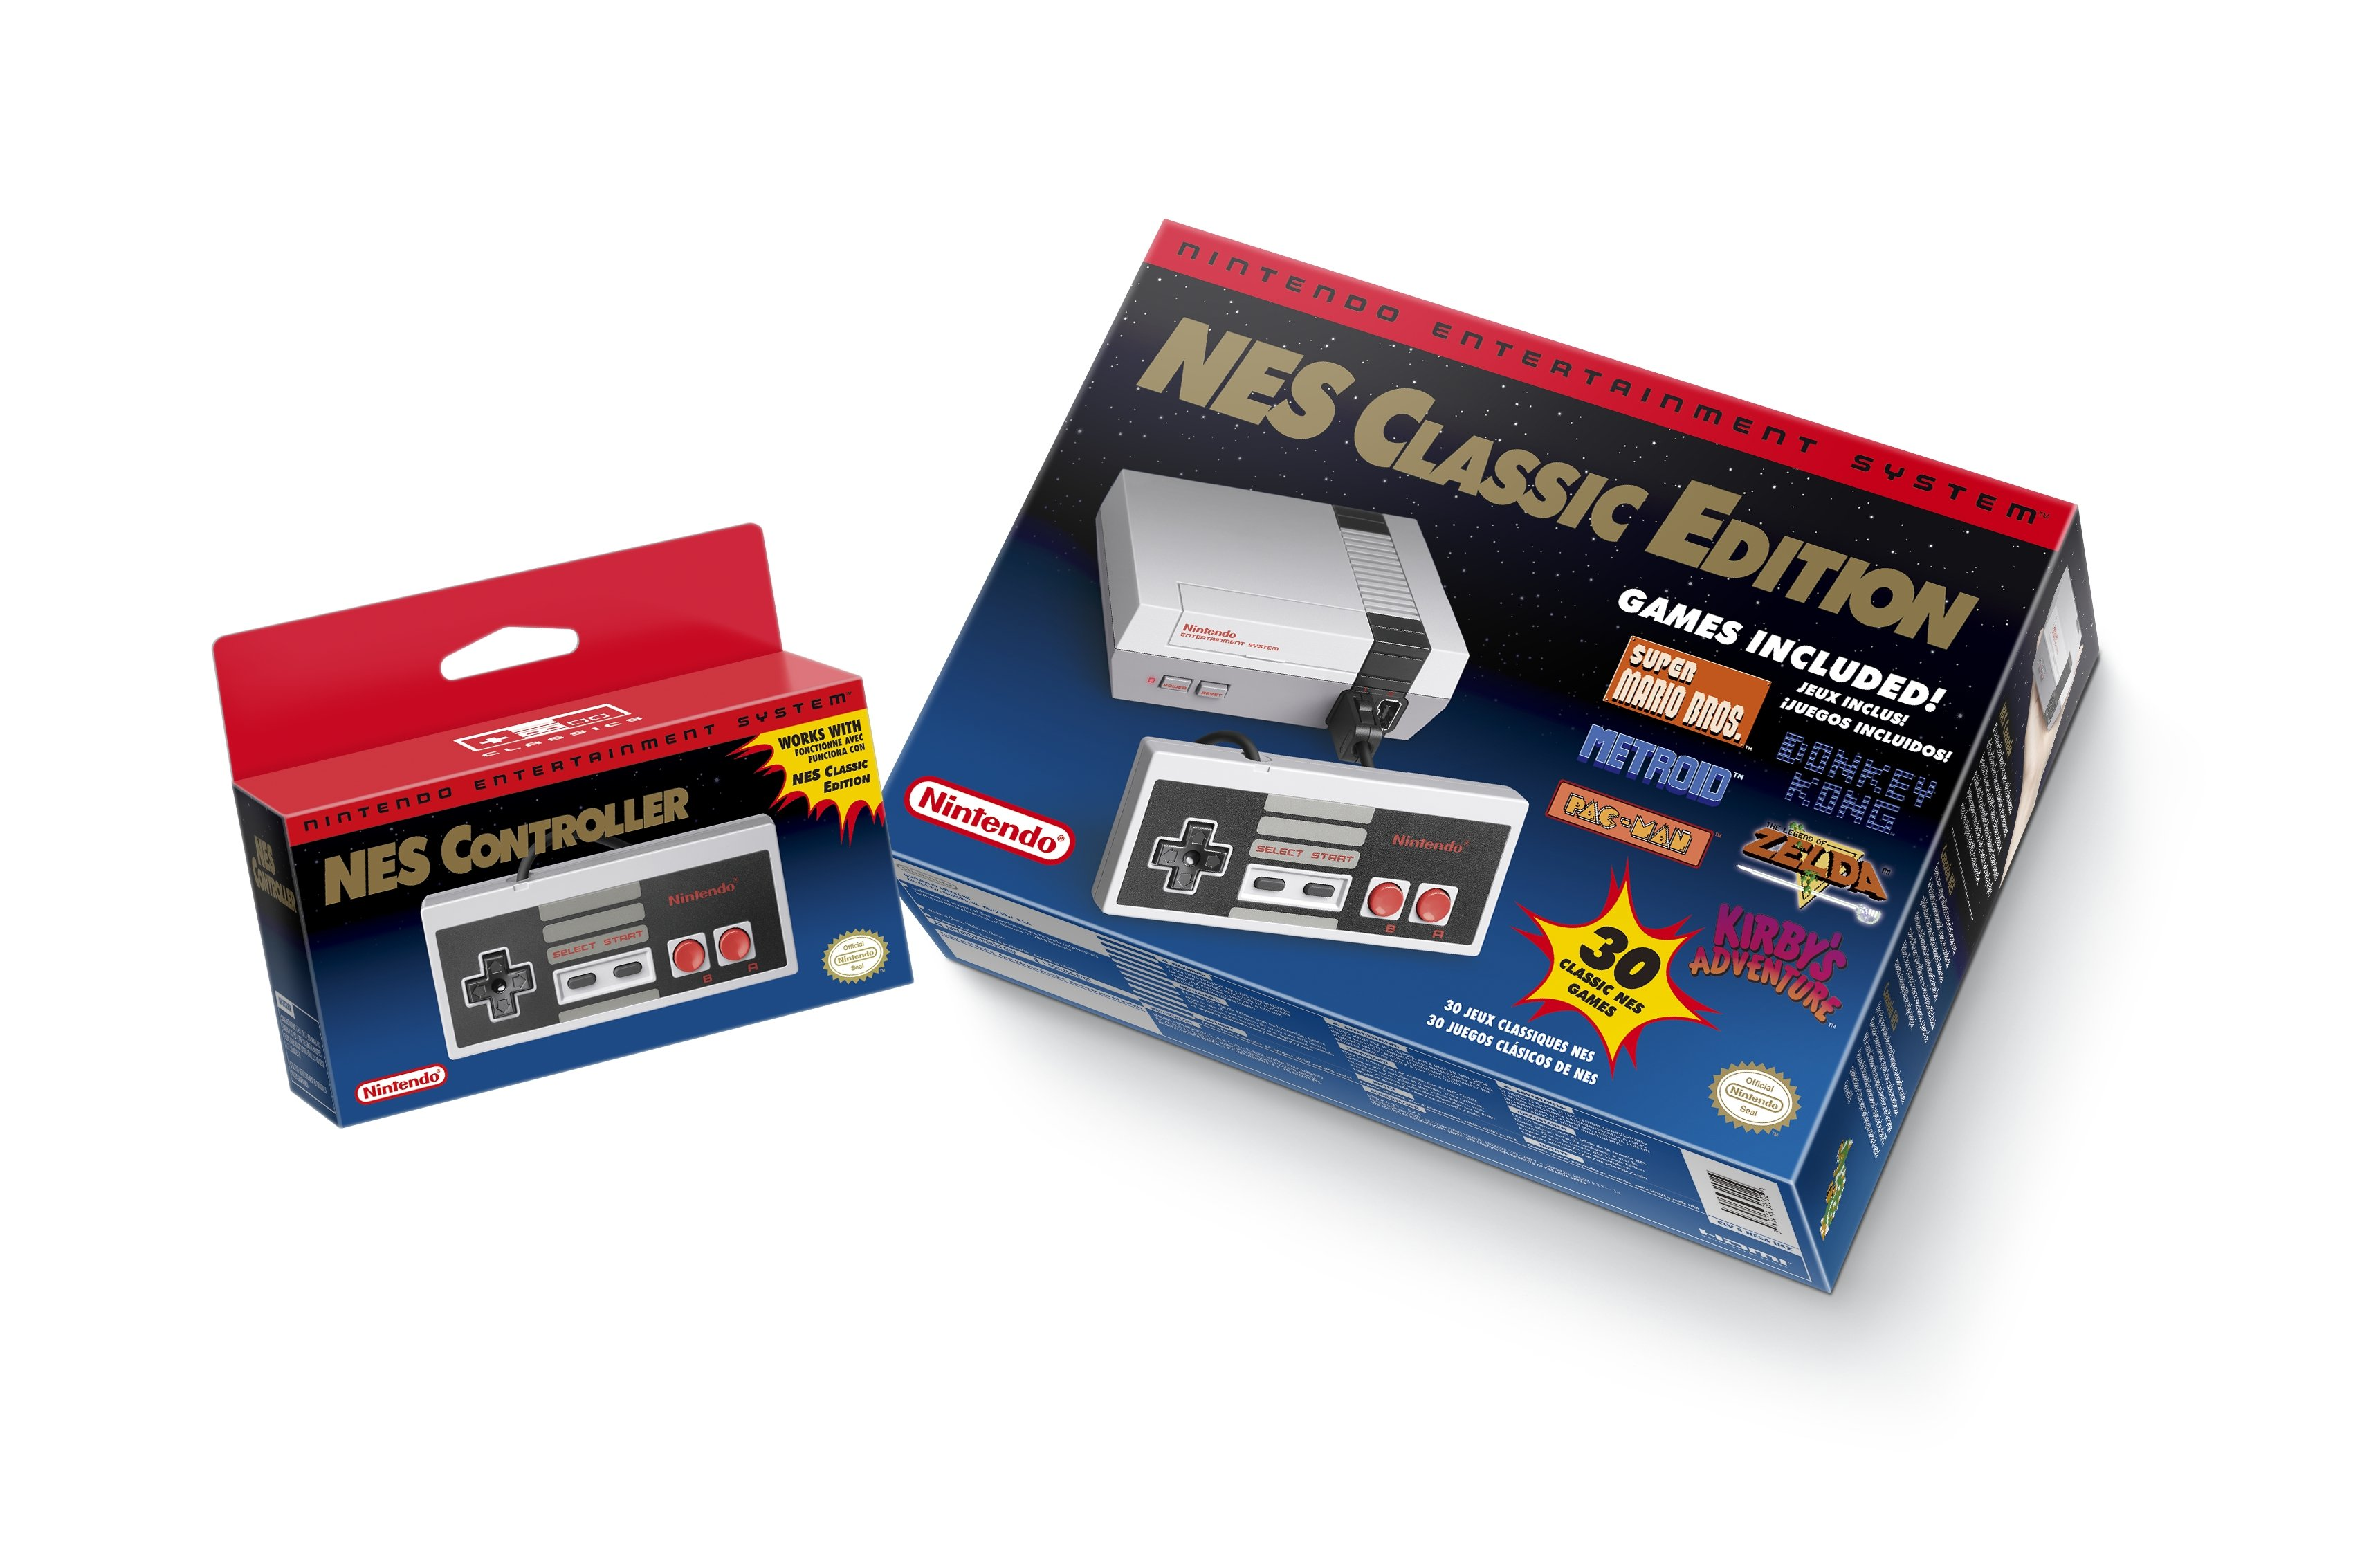 nes_classic_box